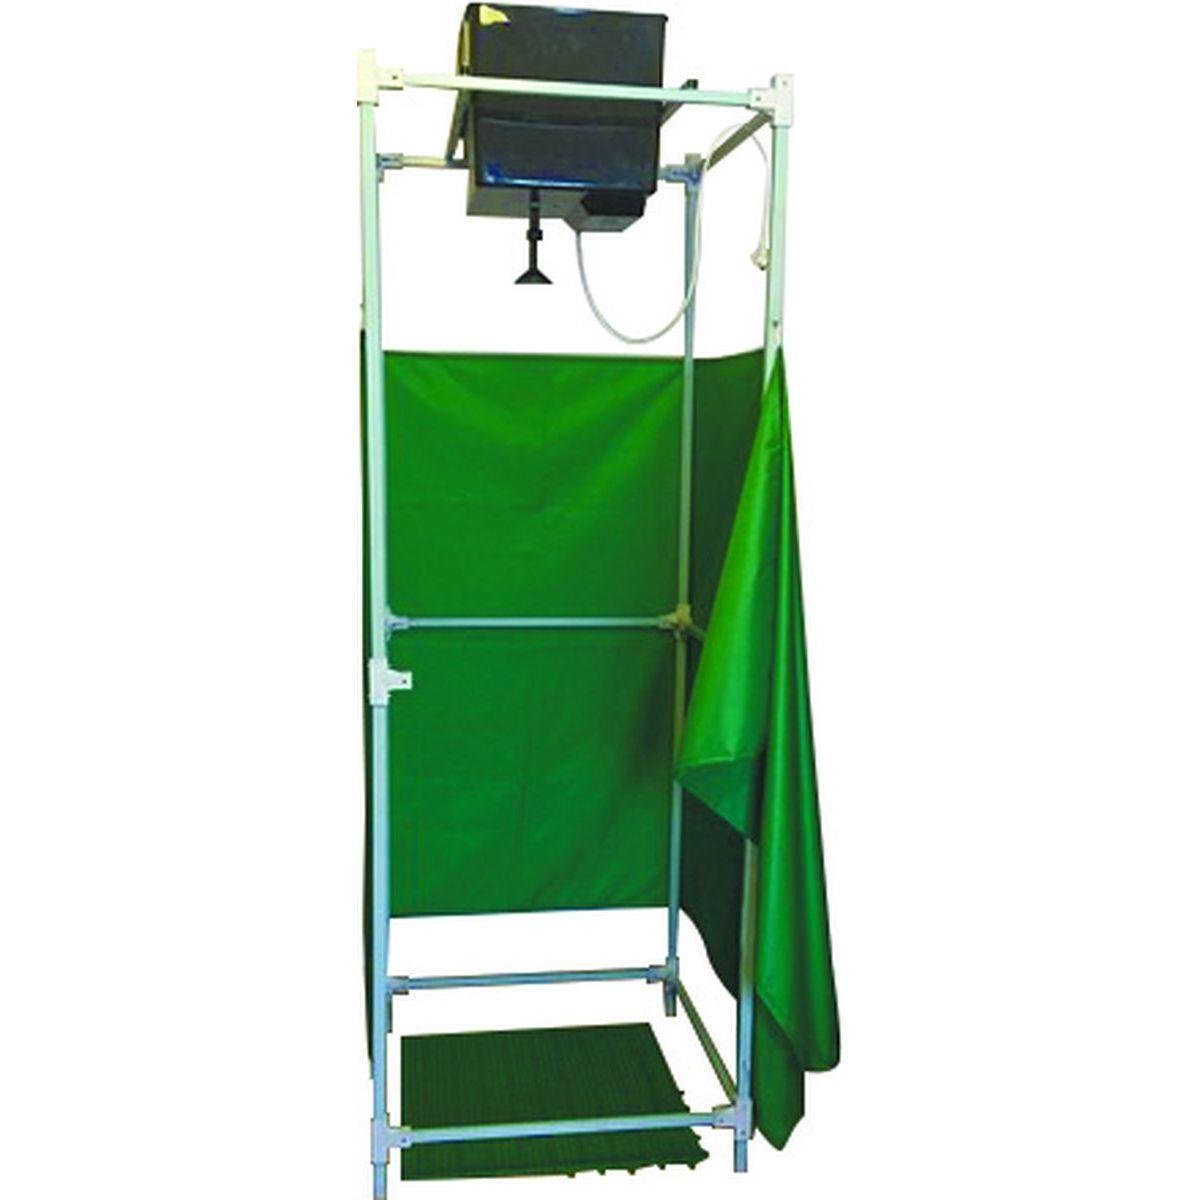 Душ садовый Чистюля, с электроводонагревателем, 004160, зеленый, 55 л элбэт эвбо 55 black электроводонагреватель